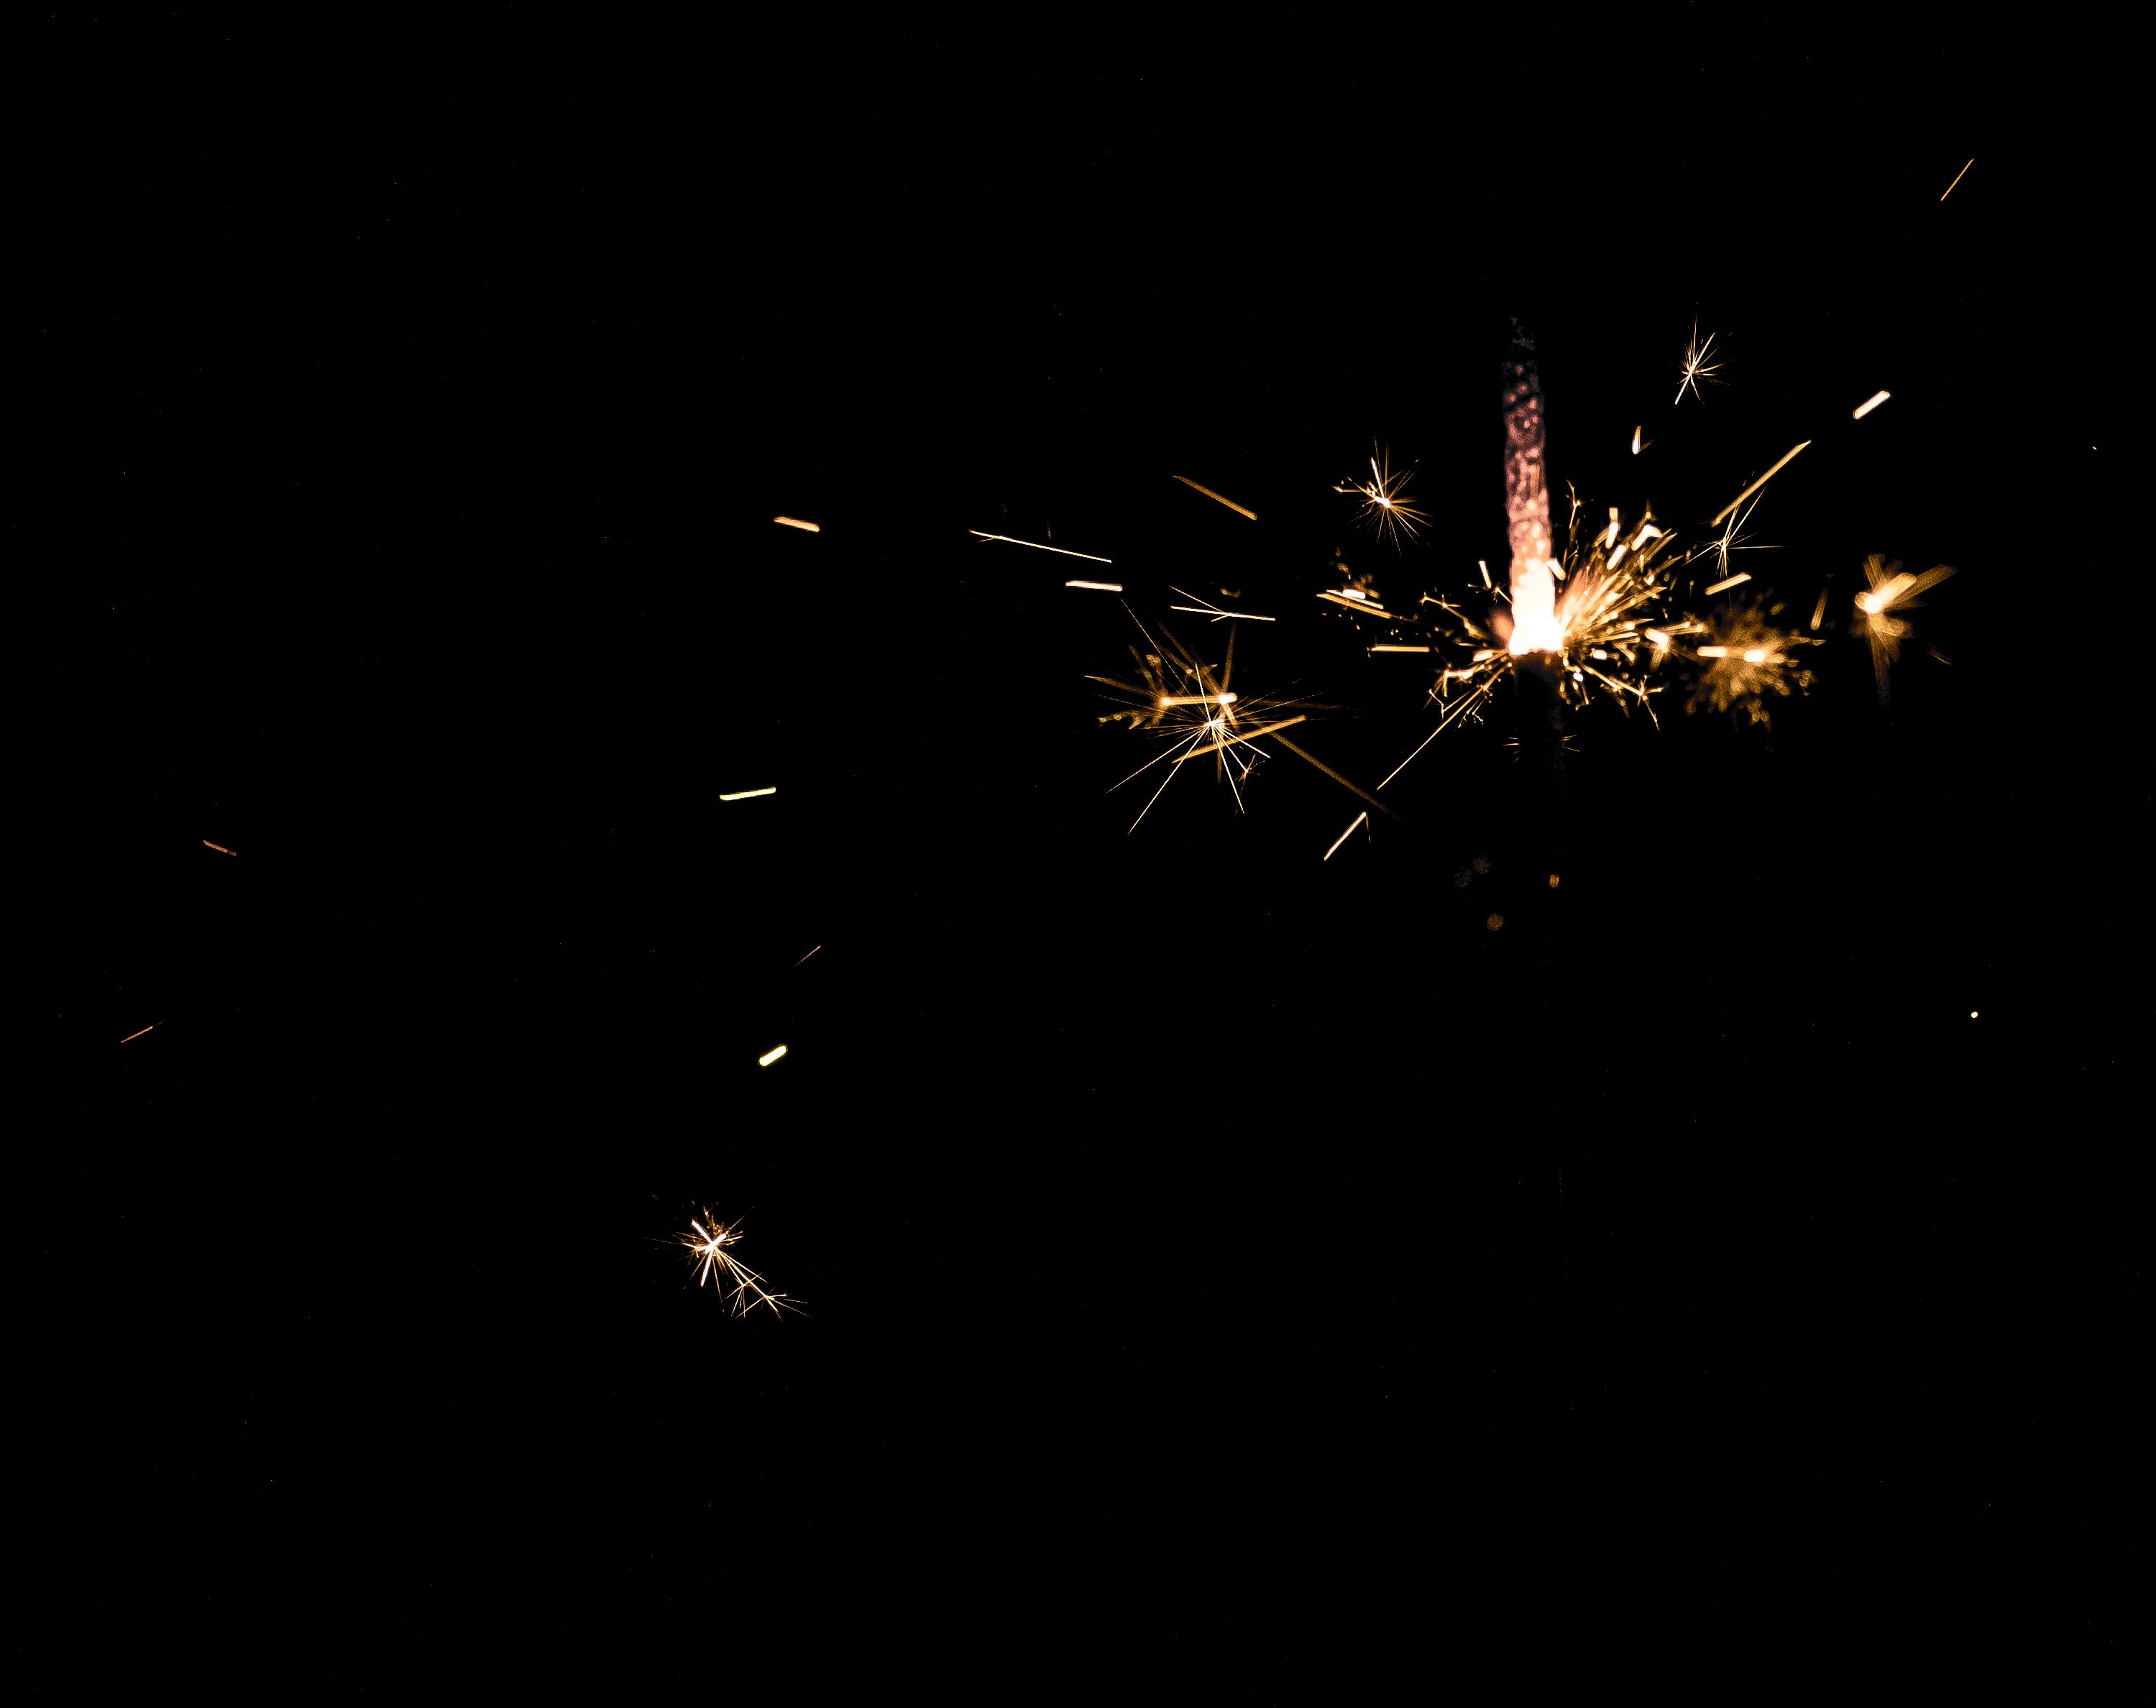 Free Images : light, fireworks, darkness, sparkler, sky